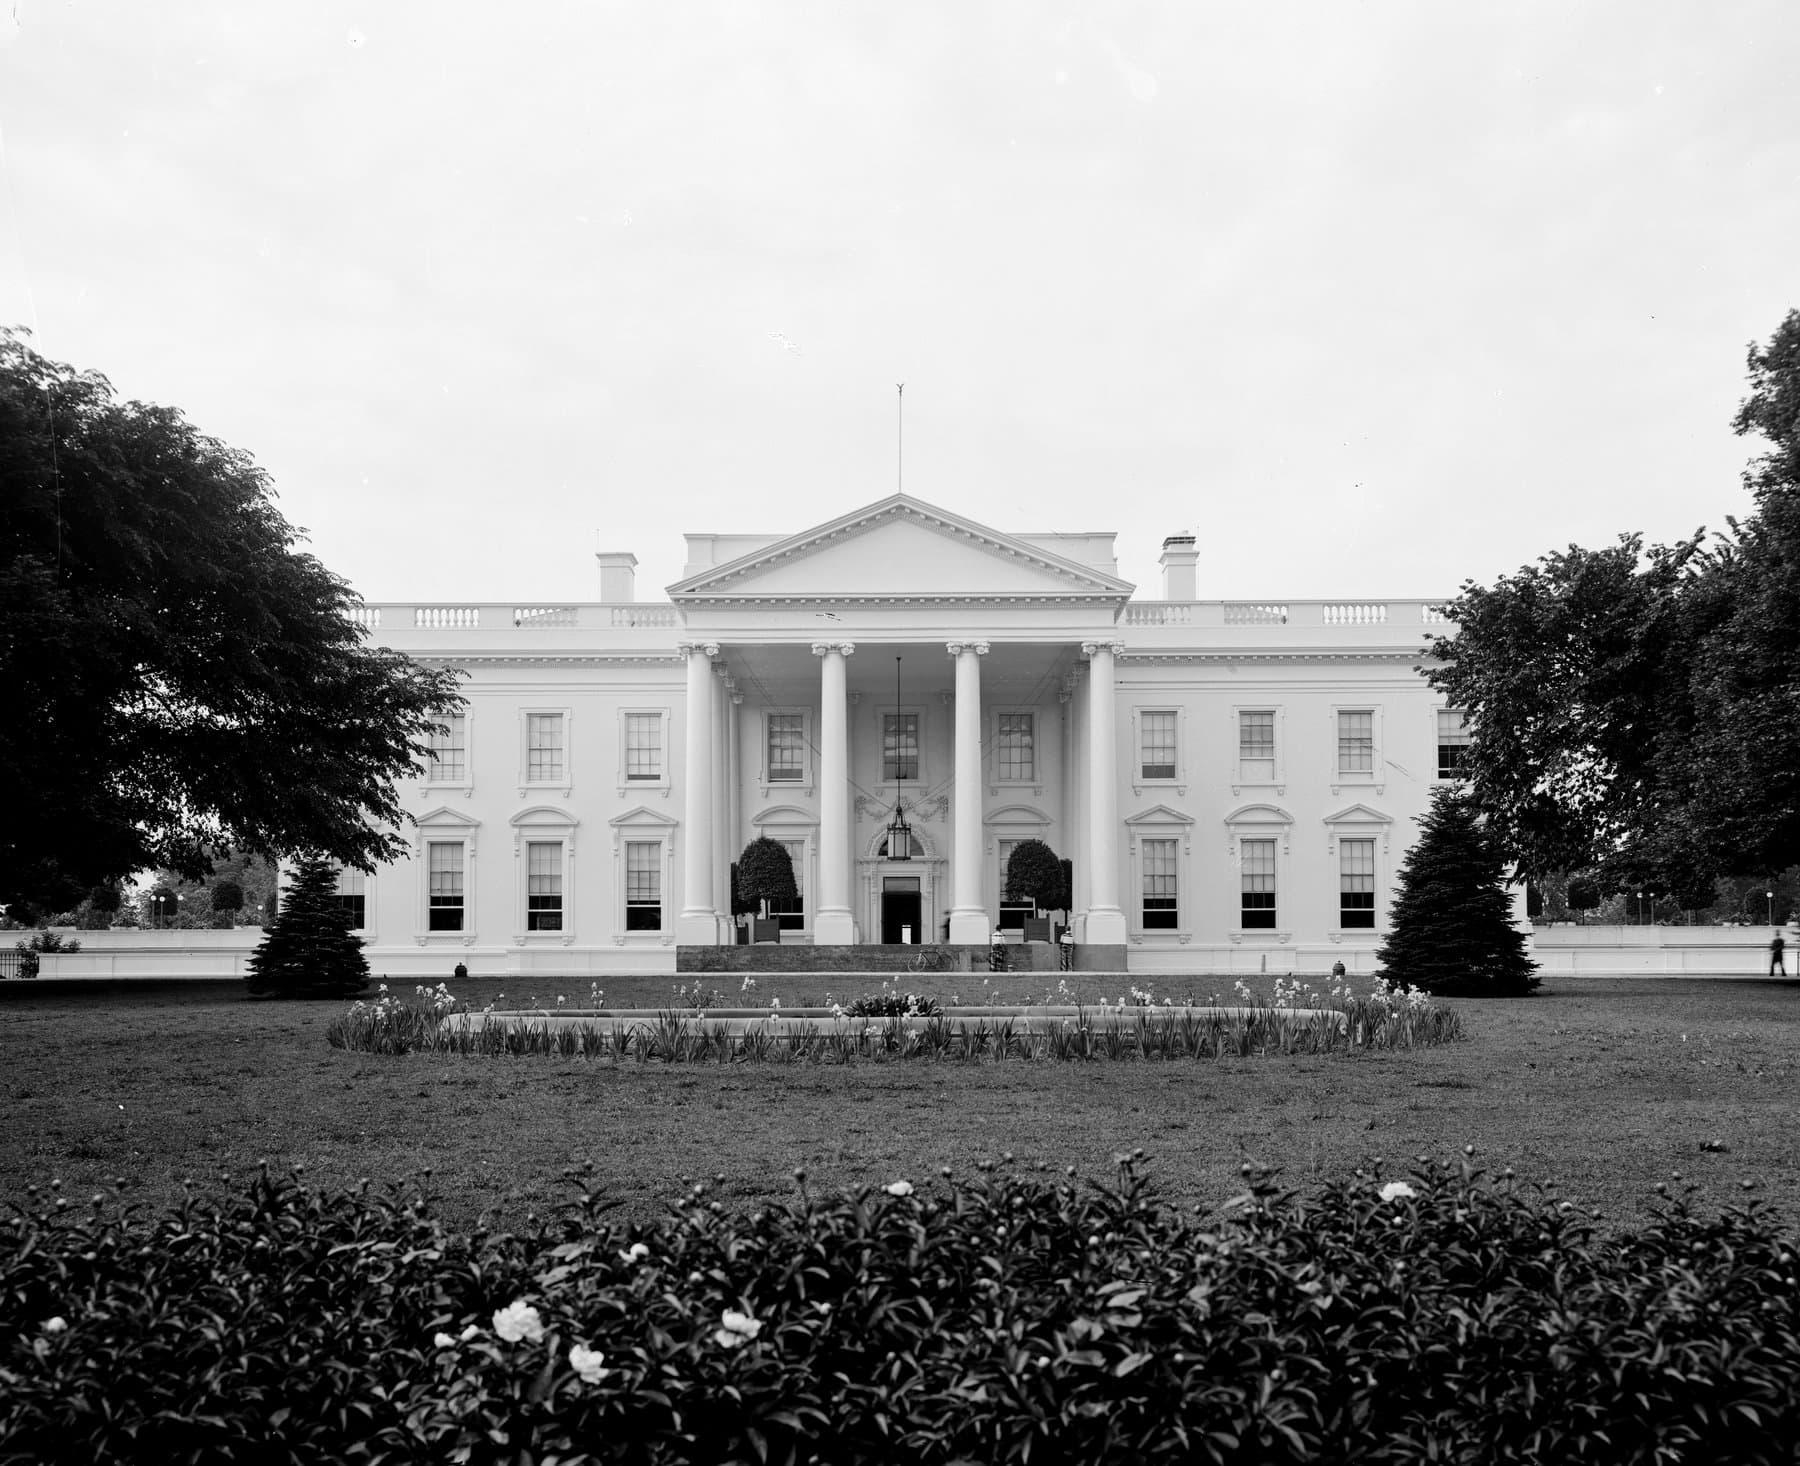 White House, Washington, DC (1905)